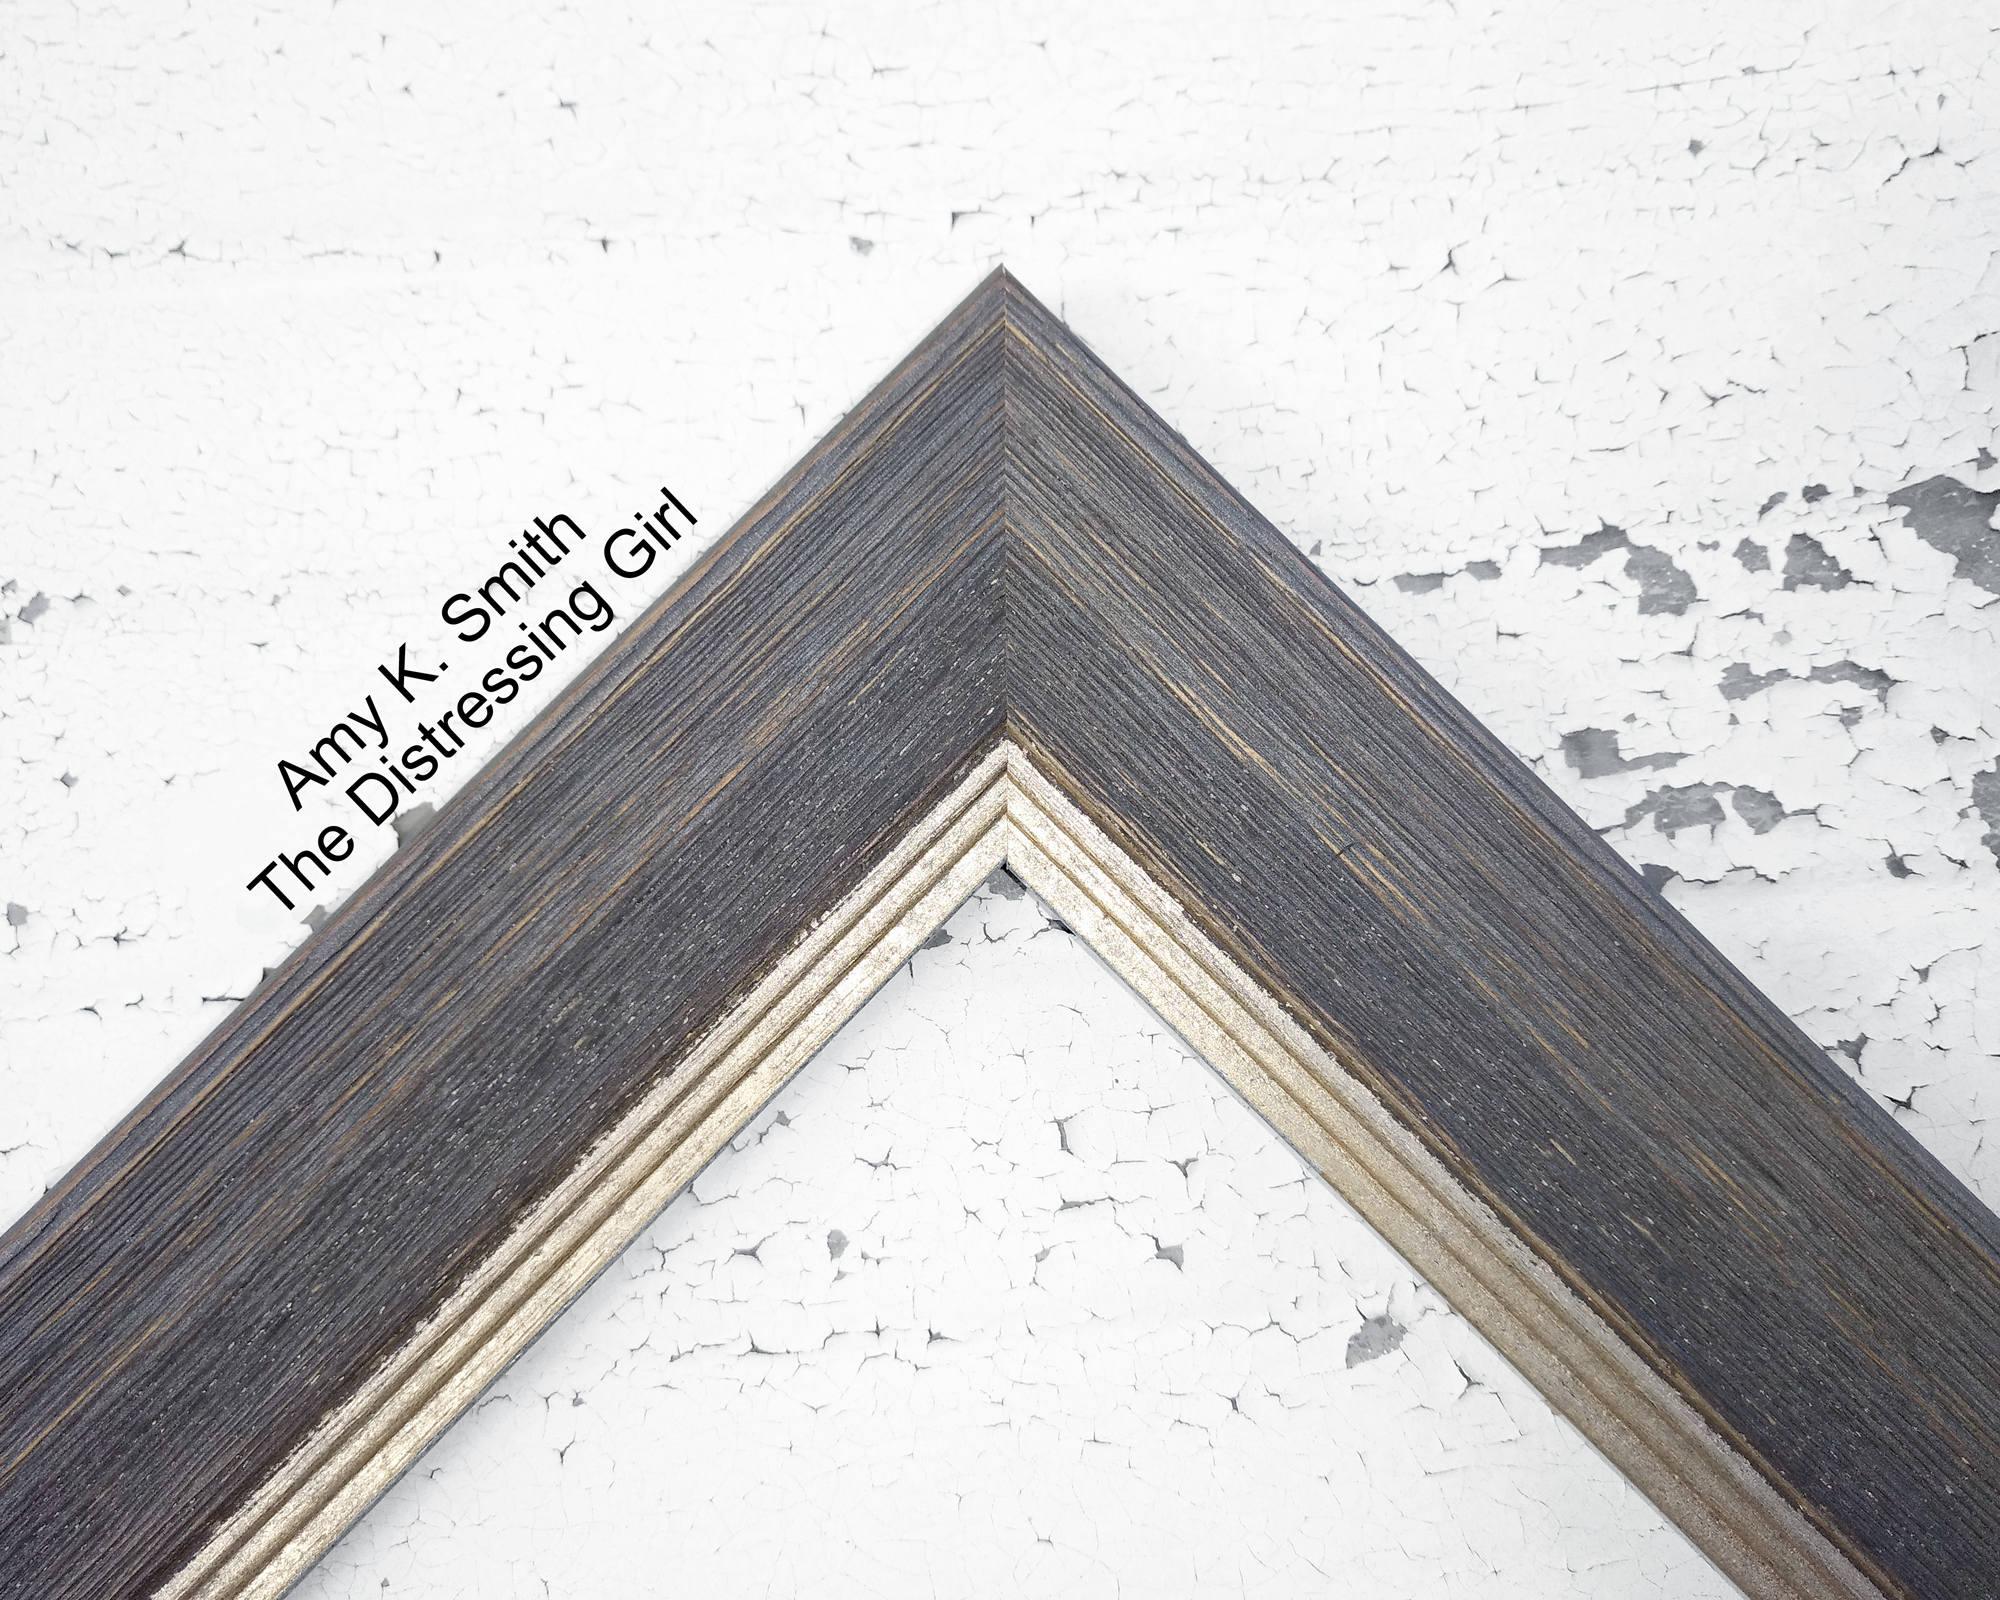 16 x 24 grauen Rahmen grau rustikal 16 von 24 Scheune